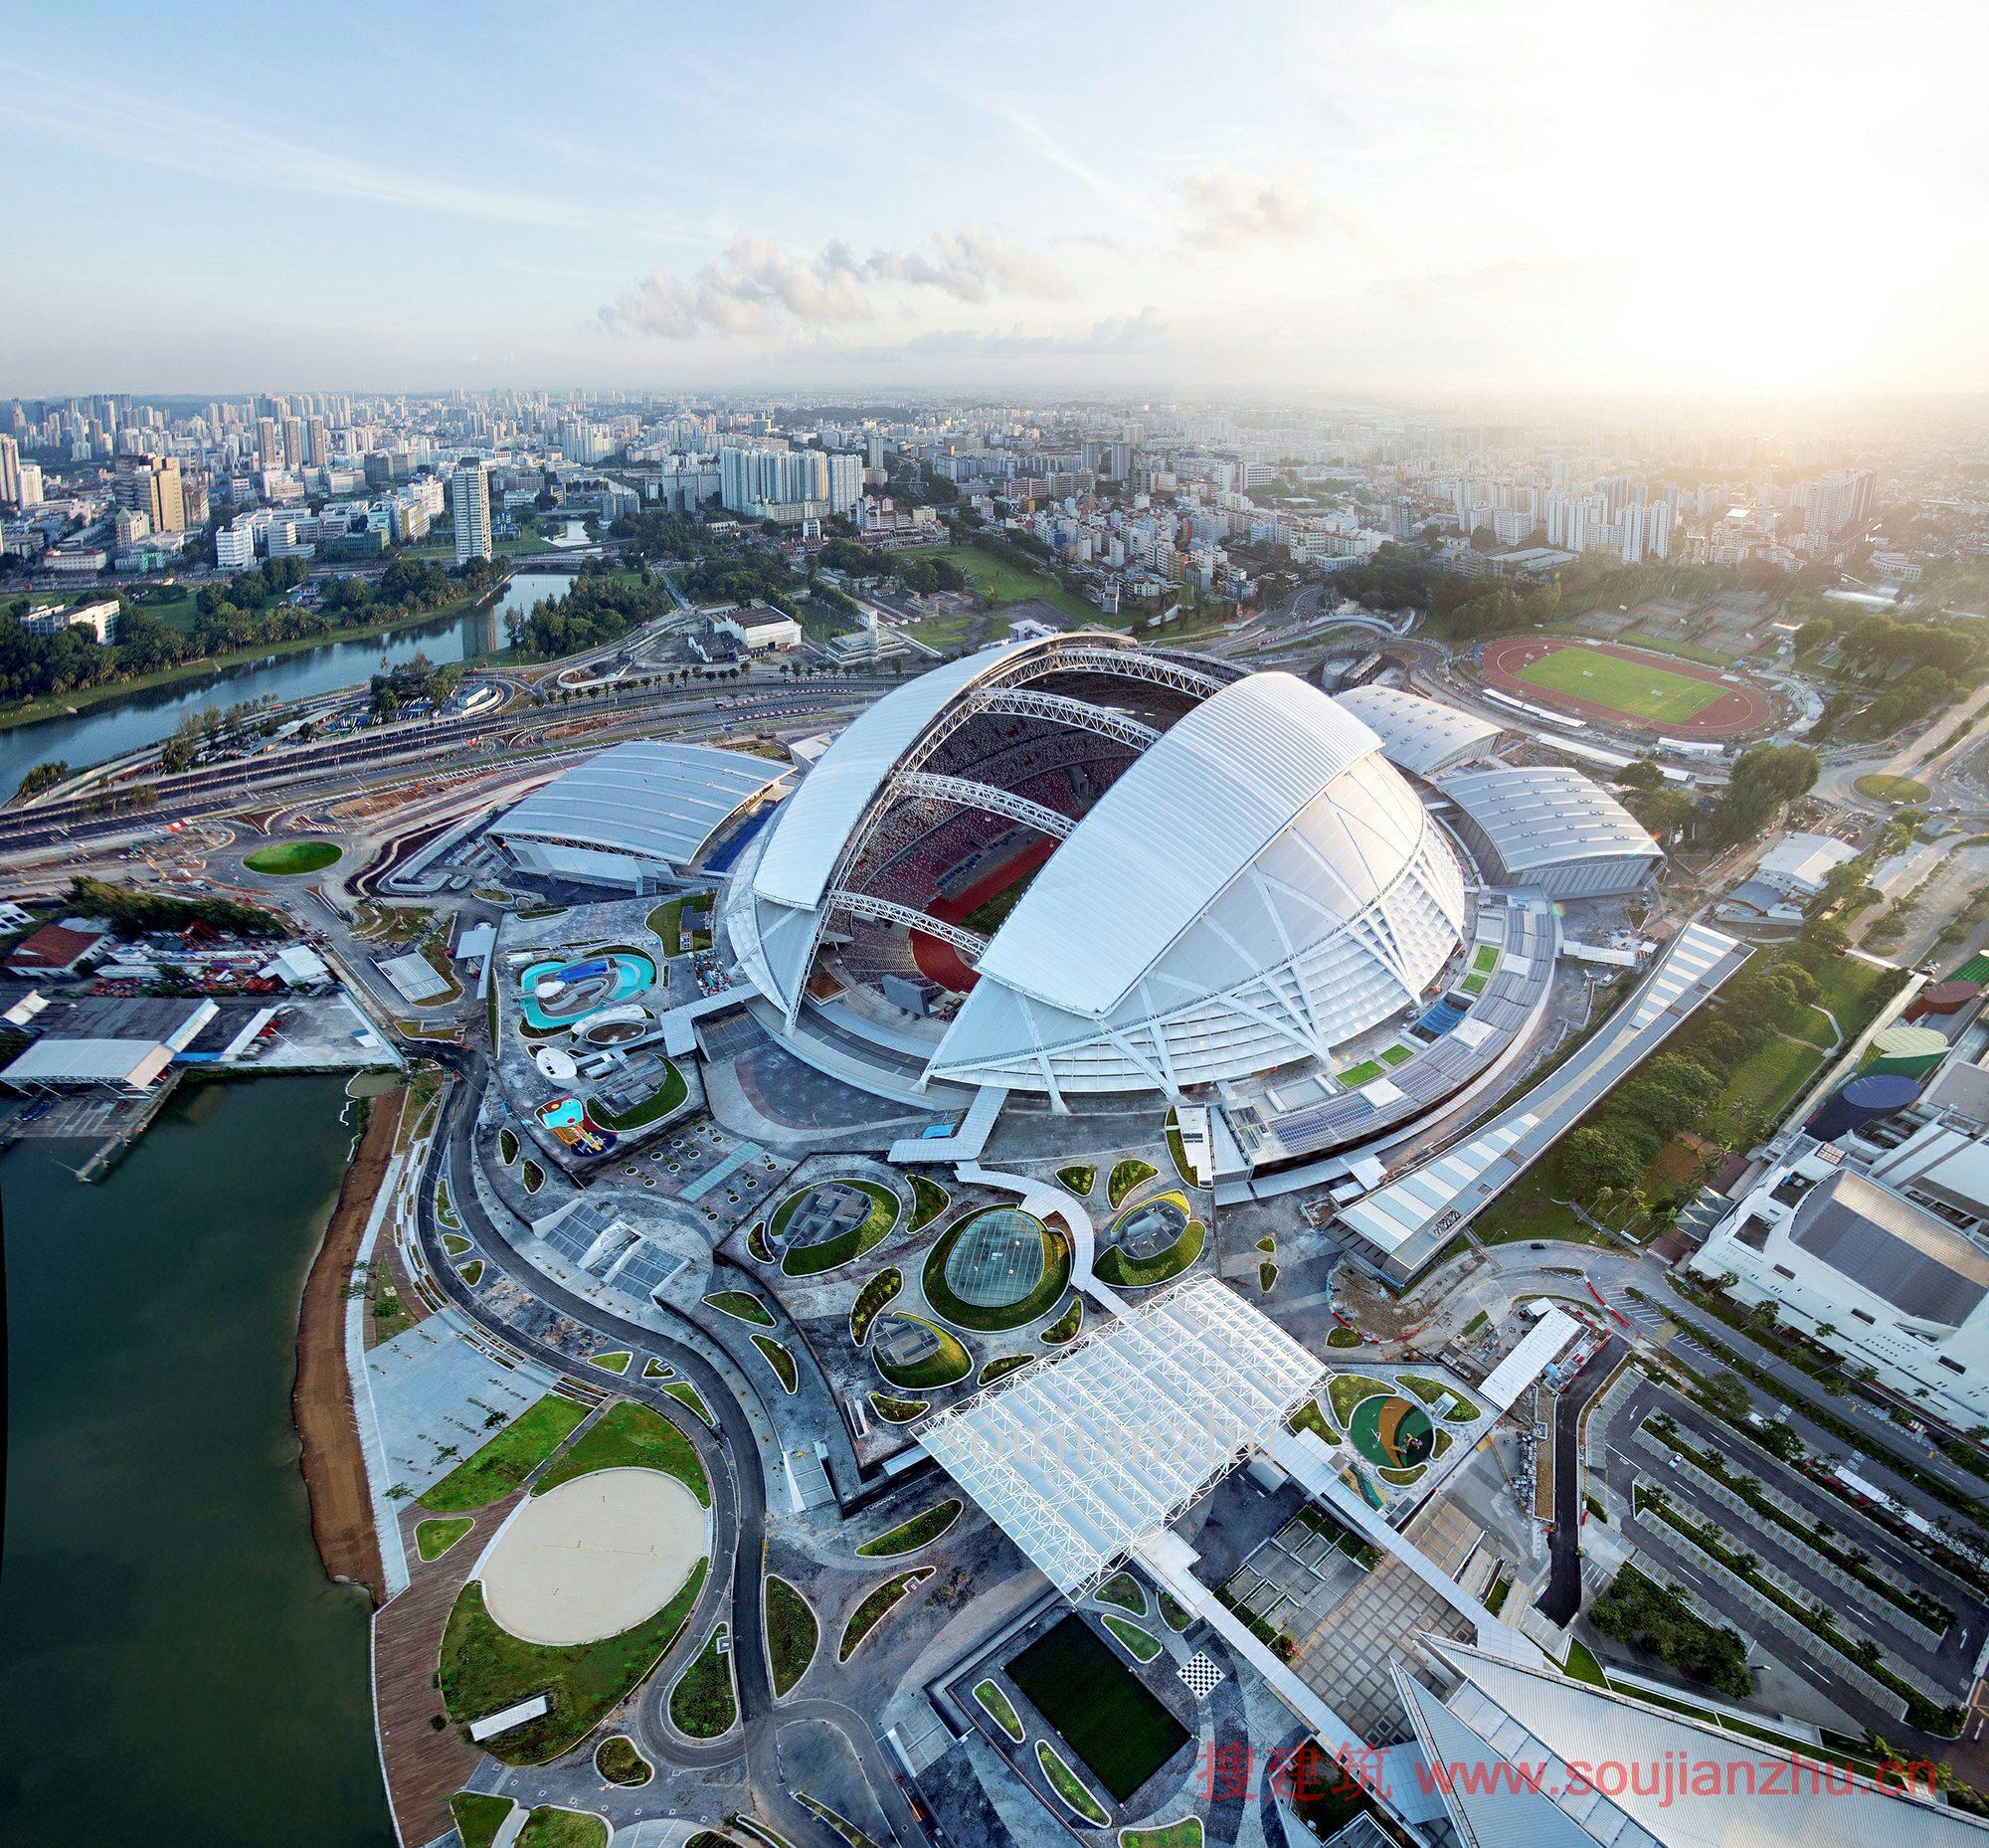 搜建筑网 -- 新加坡·体育城---DP建筑师事务所